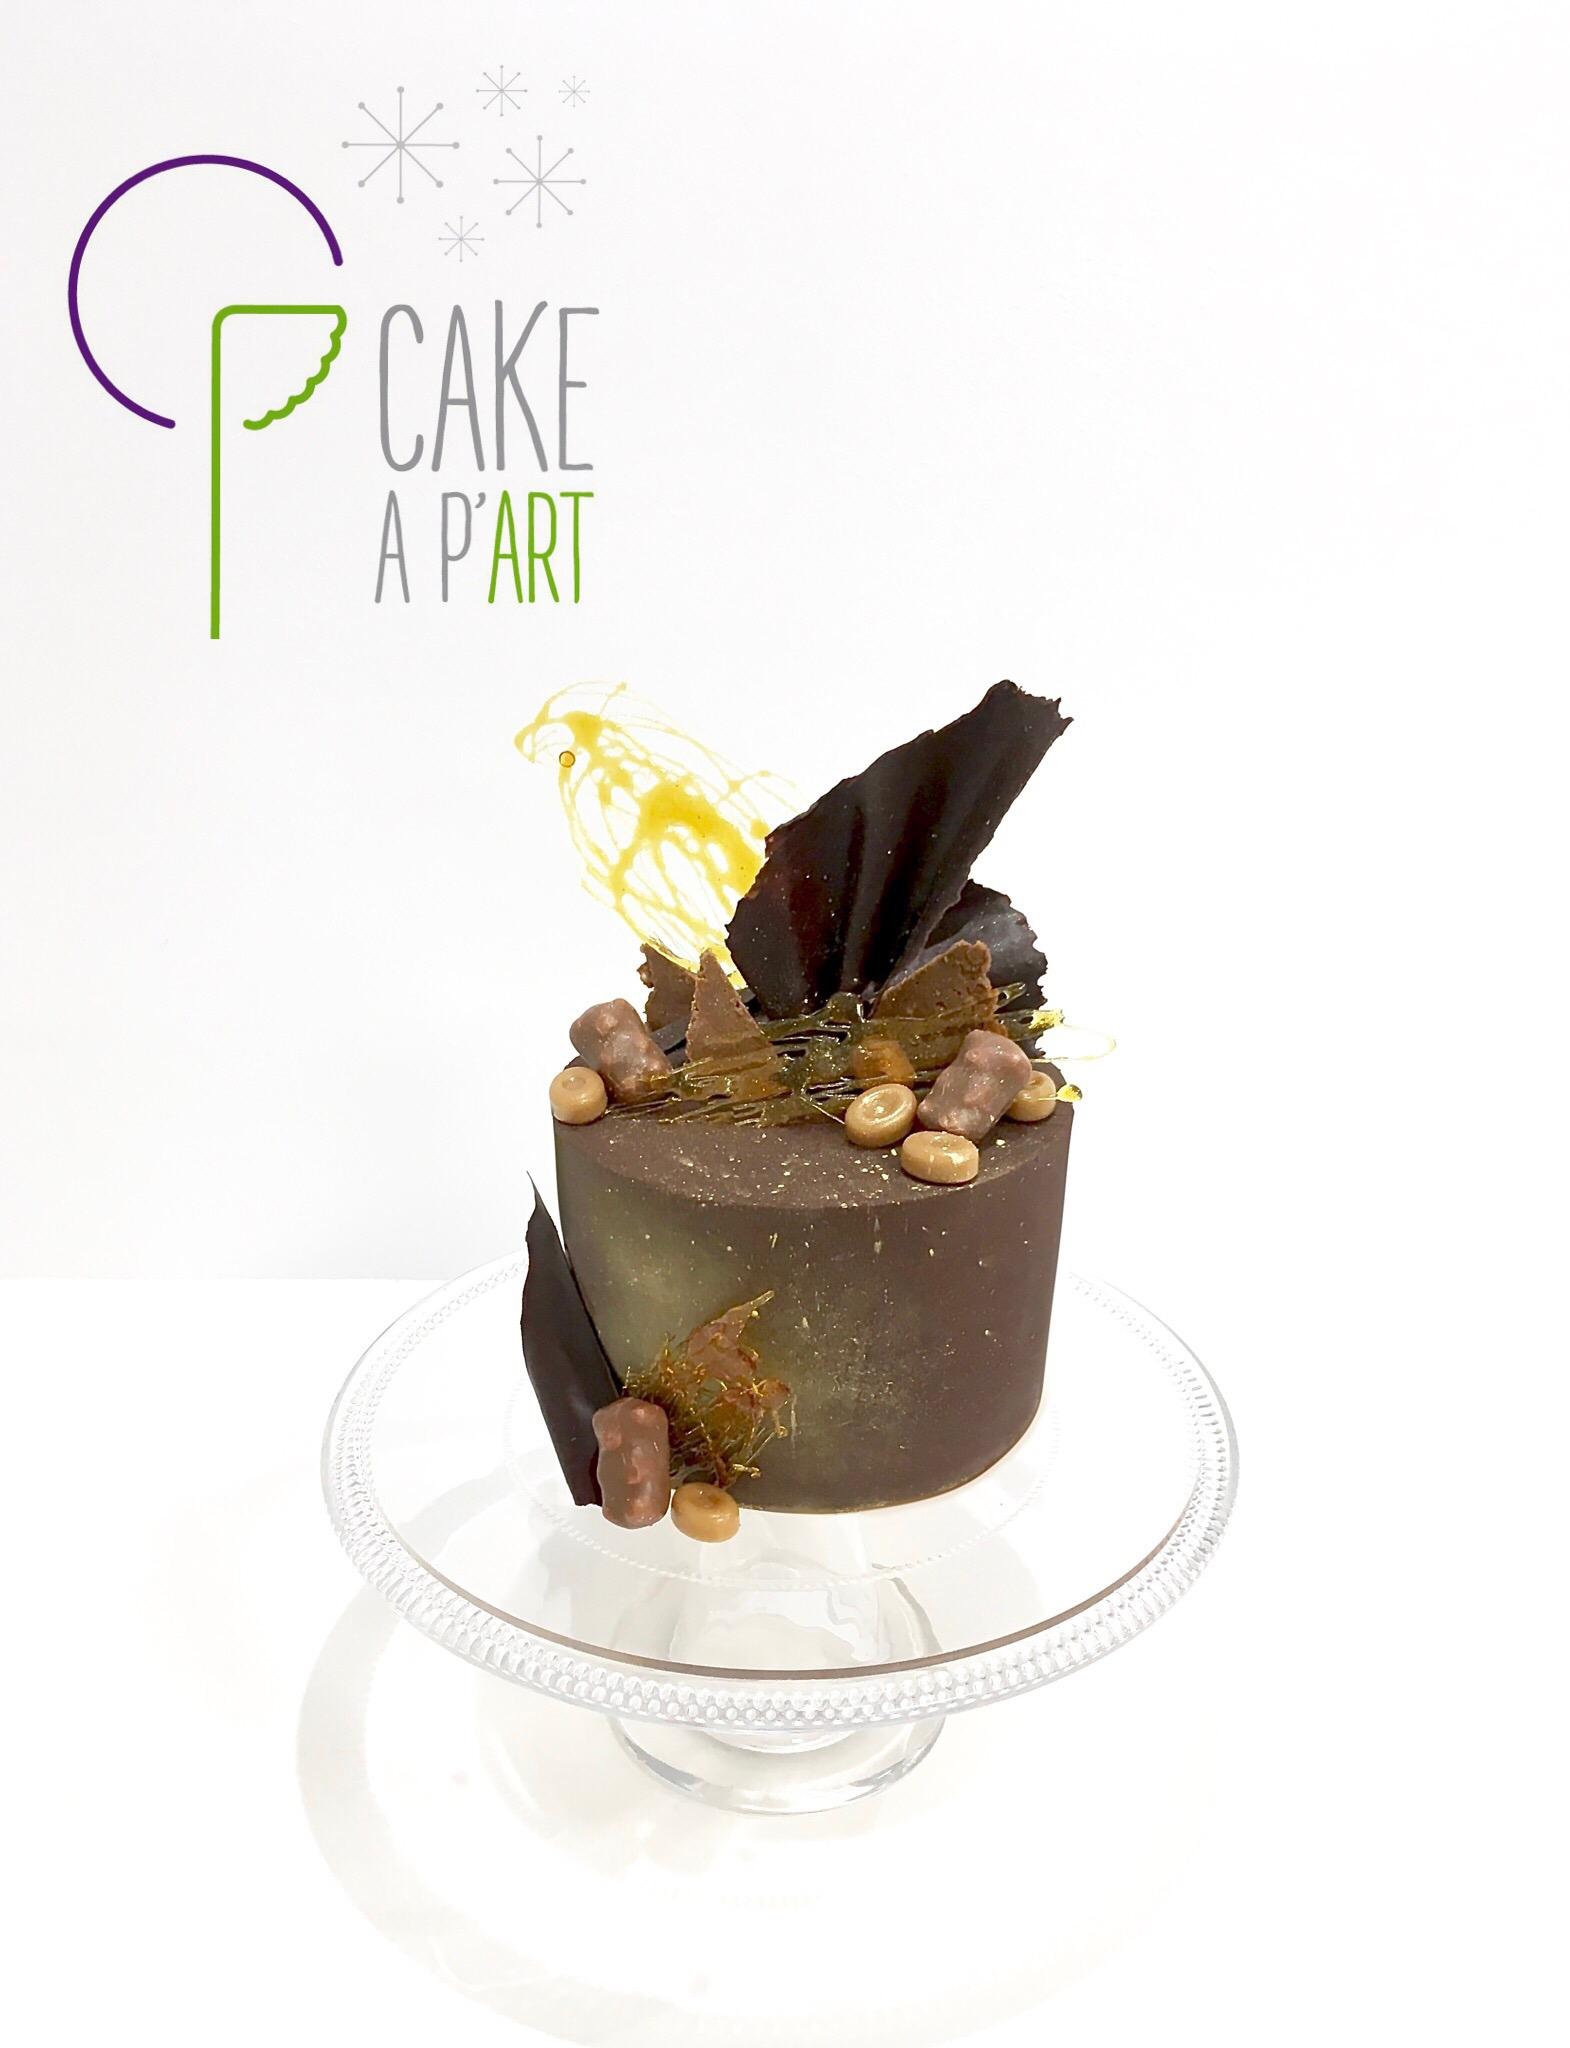 Nude Cake sur mesure anniversaire adulte - Thème Chocolat et caramel